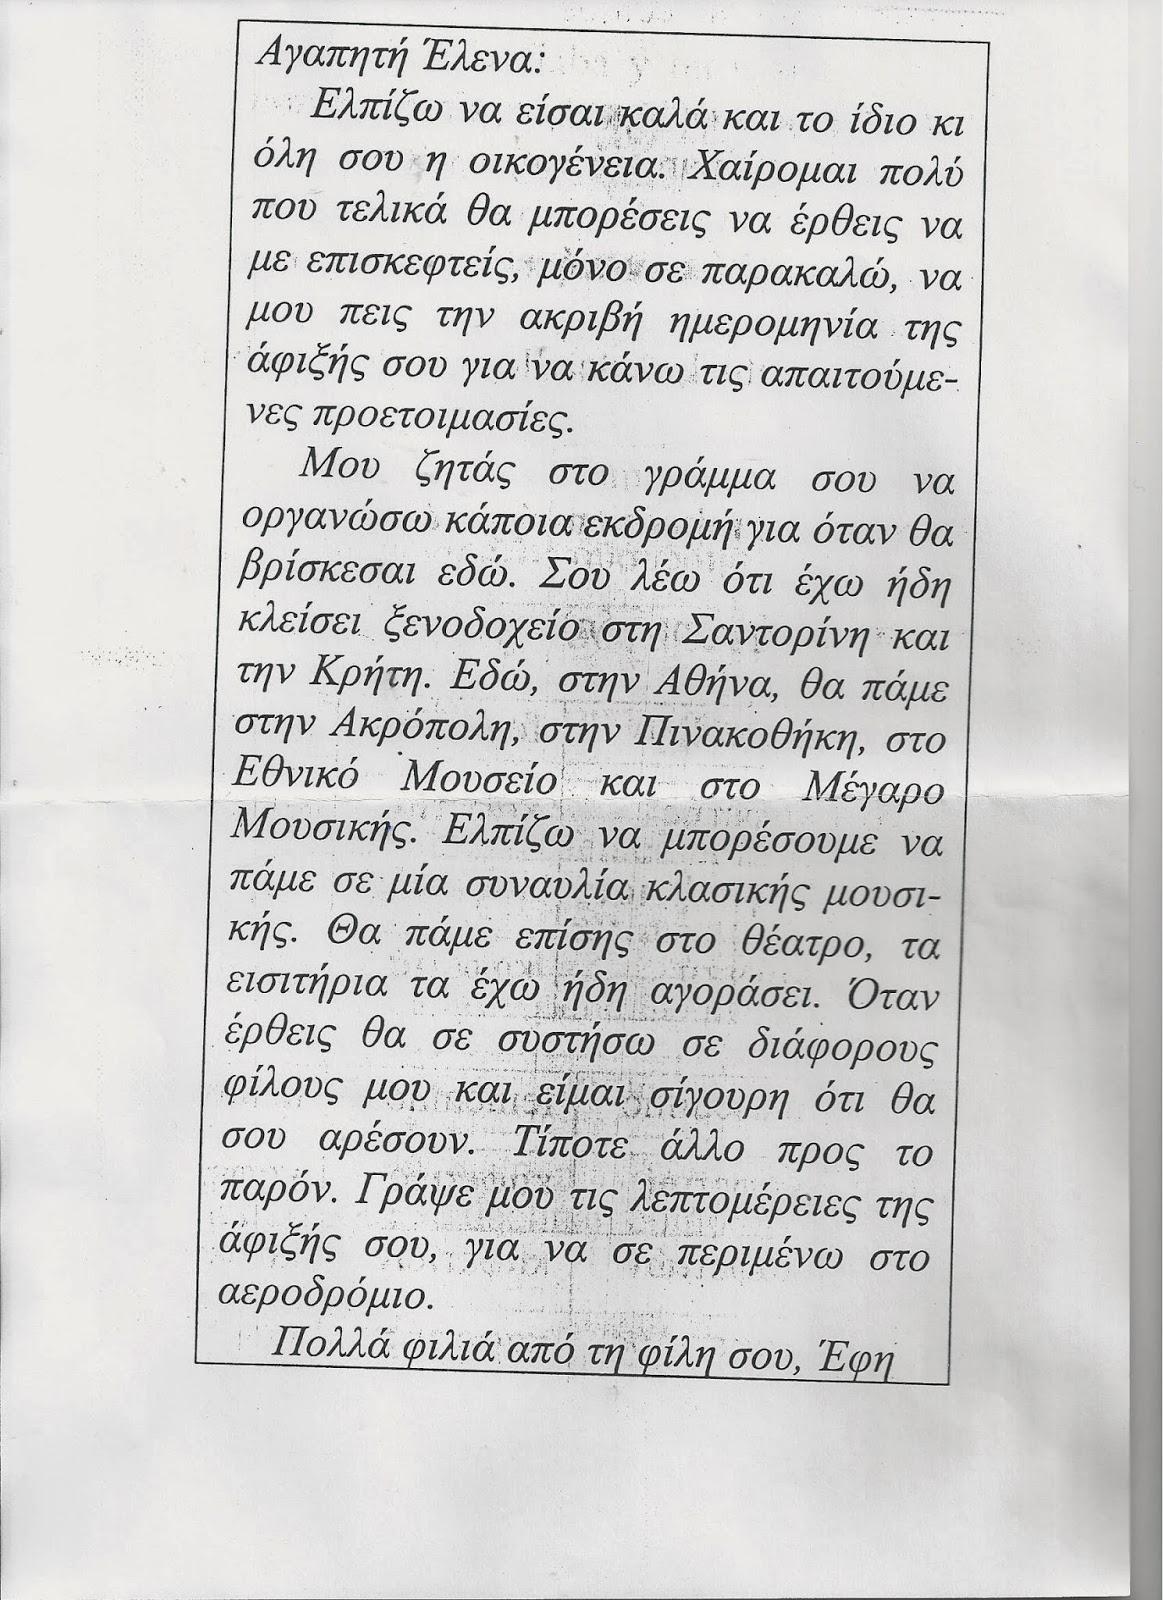 traduccin de una carta del griego al espaol